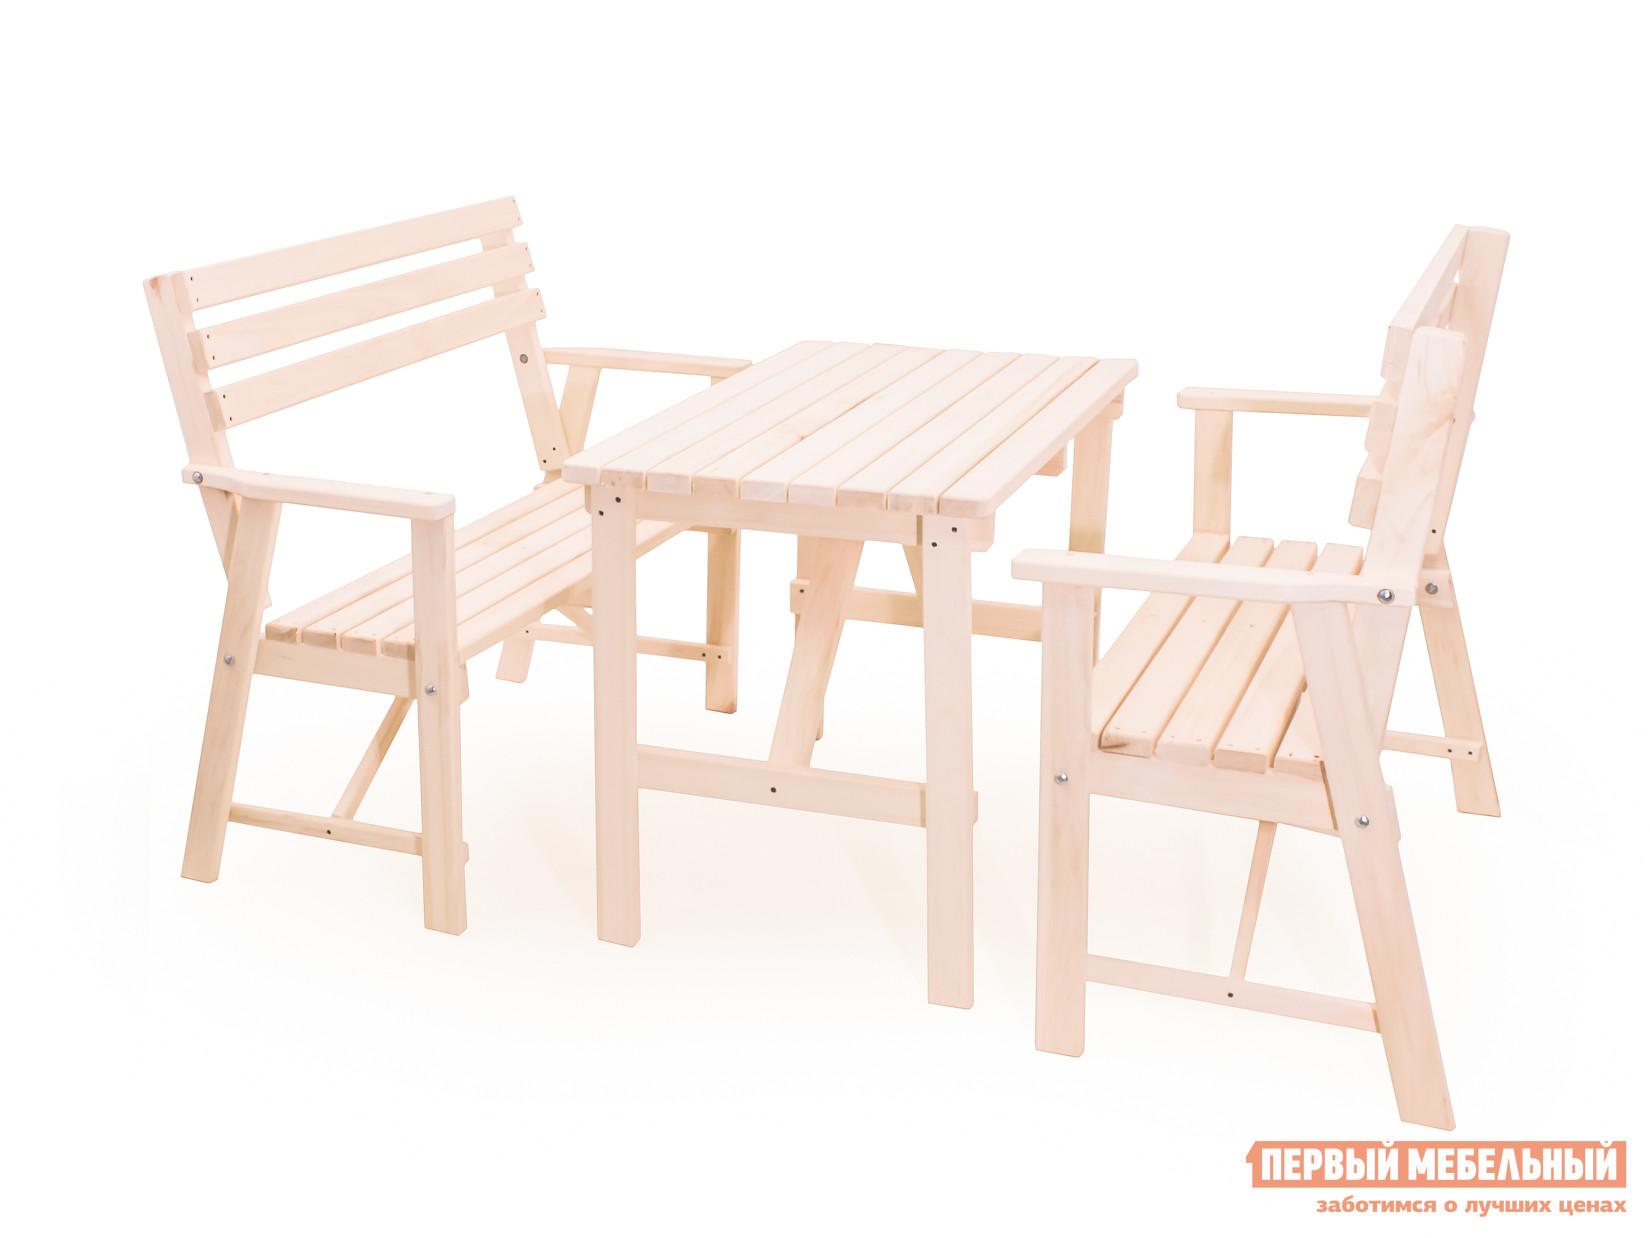 Комплект садовой мебели СМКА Веранда-2 ОсинаКомплекты садовой мебели<br>Габаритные размеры ВхШхГ xx мм. Что нужно для уютного отдыха в саду помимо вкусной еды? Конечно же красивая и удобная мебель.  Комплект садовой мебели Веранда-2 — отличное решения как для сада, так и для террасы.  Изделия в этом наборе изготавливаются из красивого светлого дерева — осины, и не обрабатываются лаком.  Это позволяет вам покрасить их в любой желаемый цвет и насладиться запахом свежего дерева. Комплект состоит из трех предметов, которые поставляются в разобранном виде. Стол имеет размеры (ВхШхГ): 750 х 1000 х 600 мм;Две скамьи с габаритными размерами (ВхШхГ): 1050 х 1050 х 500 мм. Такой набор организует уютное место для отдыха четырех взрослых или шестерых детей.<br><br>Цвет: Светлое дерево<br>Кол-во упаковок: 3<br>Форма поставки: В разобранном виде<br>Срок гарантии: 1 год<br>Тип: С обеденным столом<br>Тип: С лавками<br>Материал: Массив дерева<br>Порода дерева: Осина<br>Вместимость: На 4 персоны<br>С подлокотниками: Да